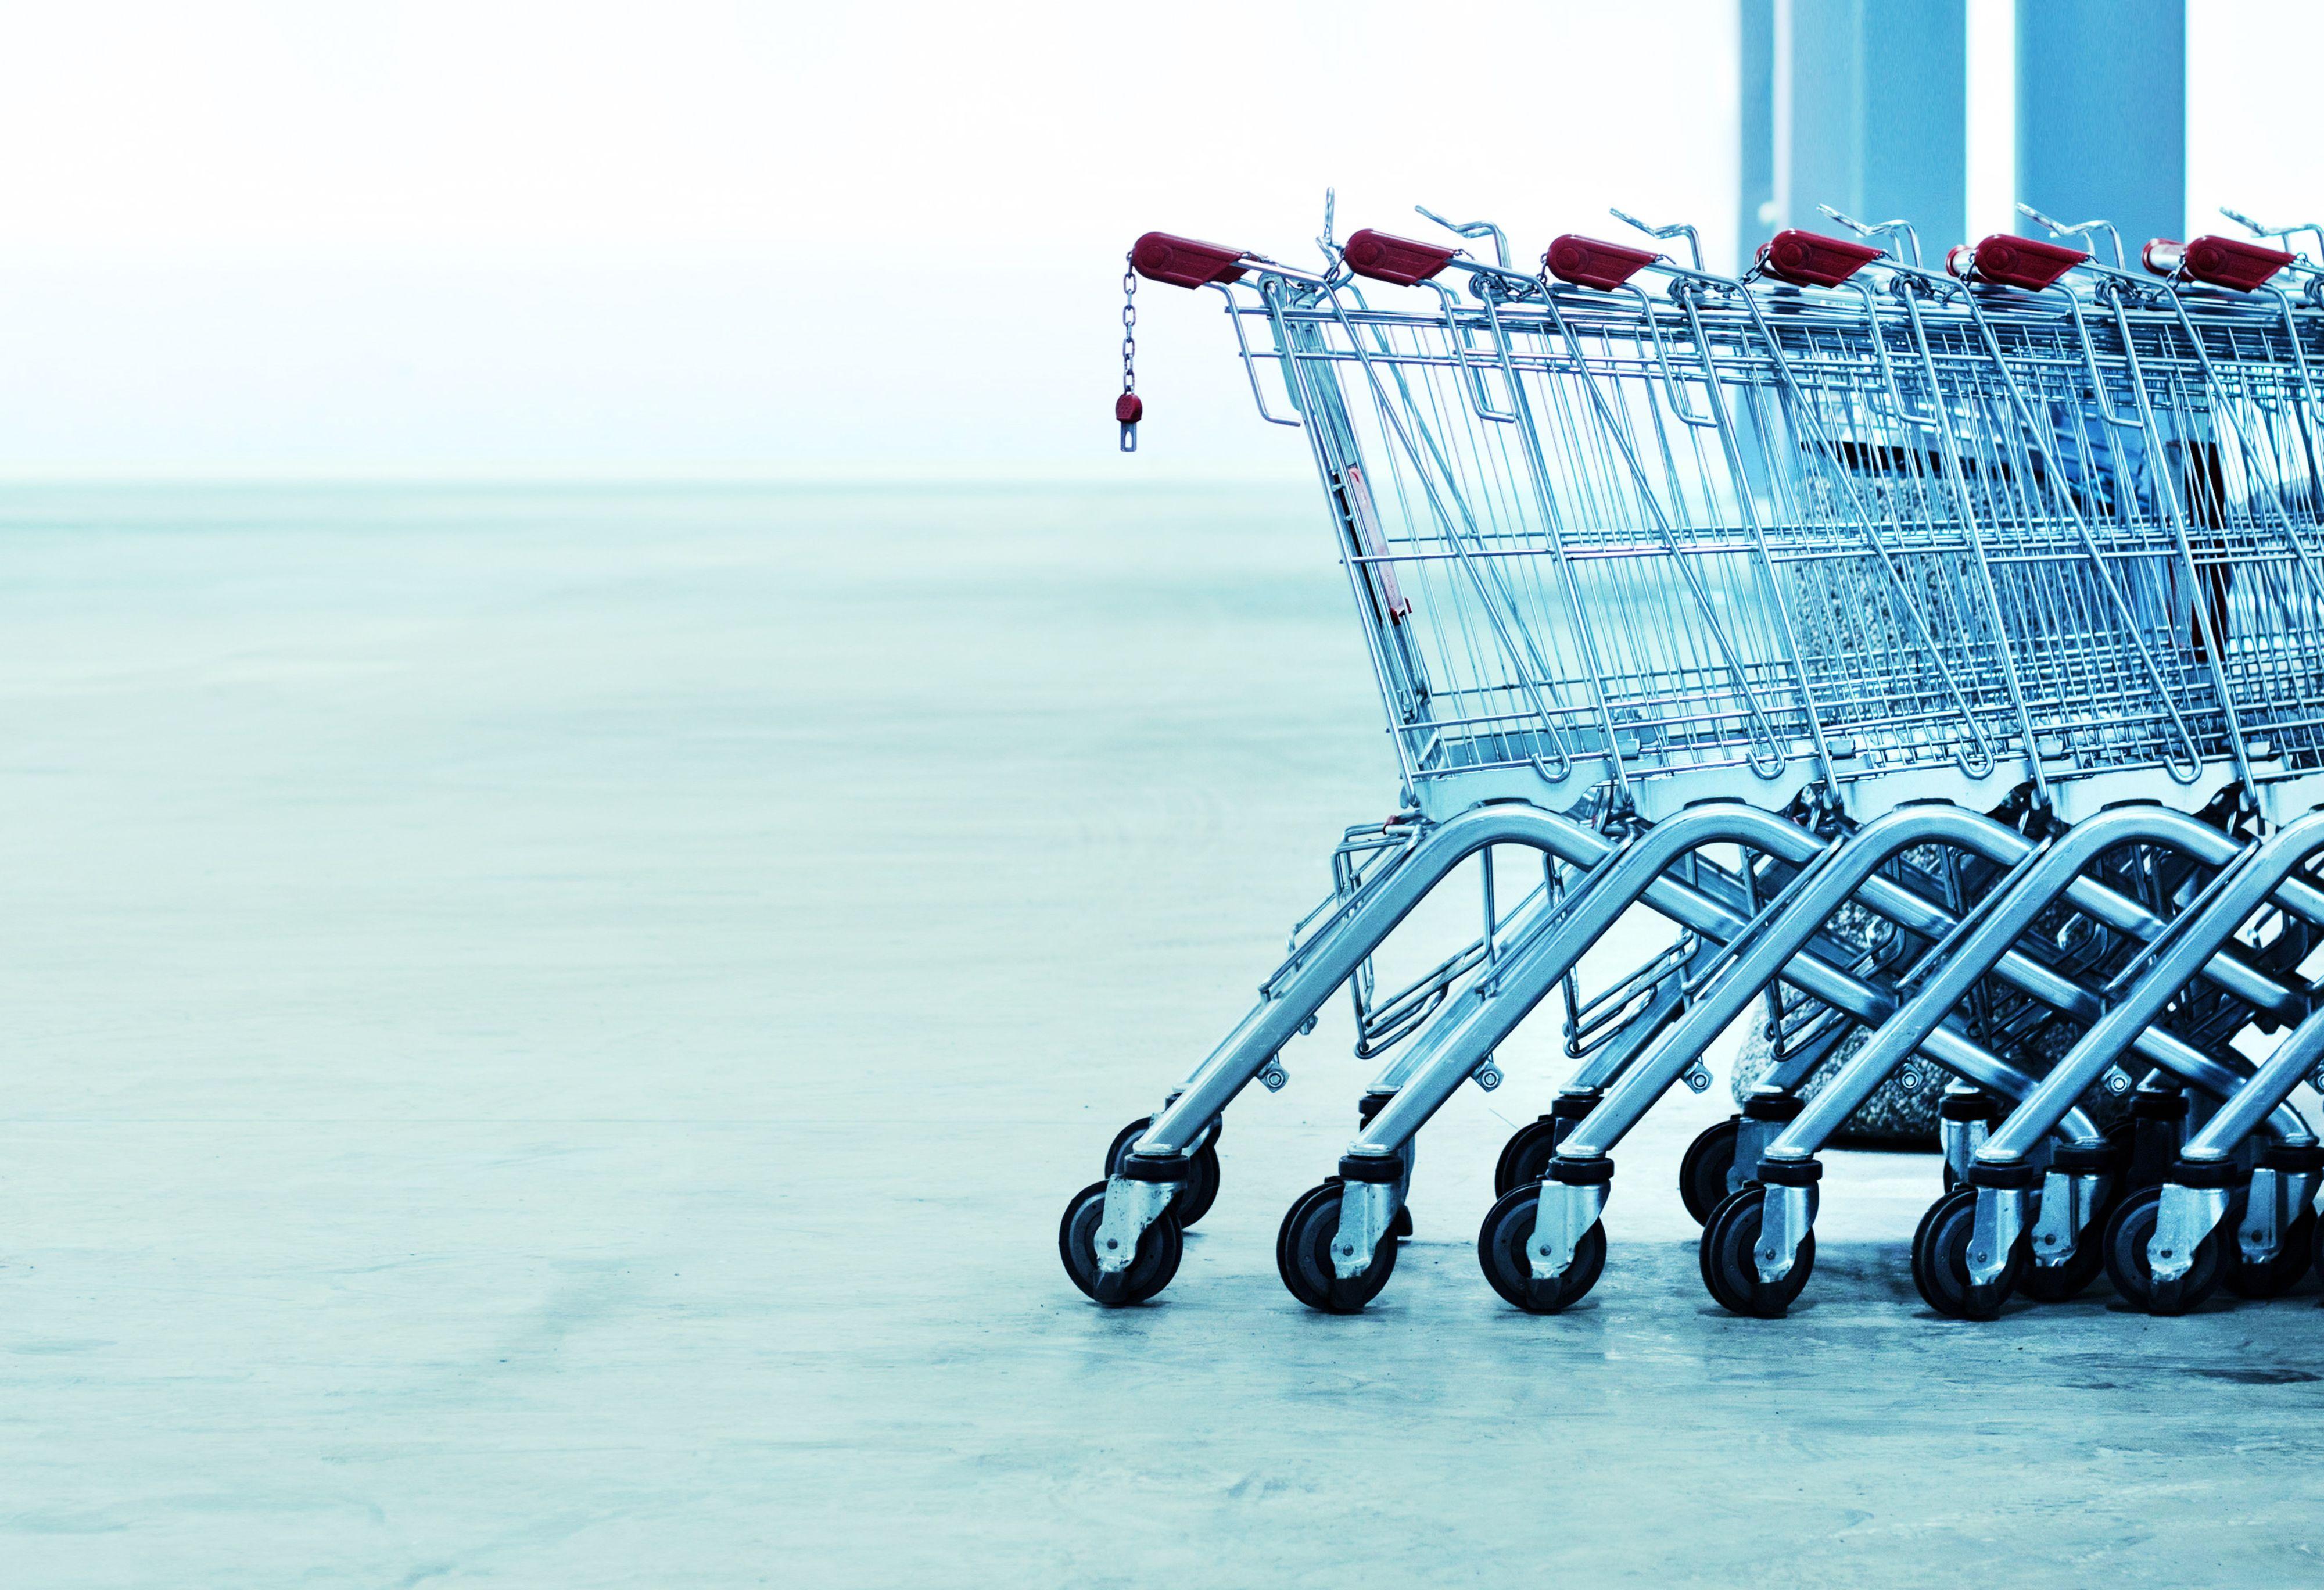 ZPP apeluje o wprowadzenie obowiązku zagwarantowania każdemu pracownikowi przynajmniej dwóch wolnych niedziel w miesiącu. (Fot. Shutterstock)